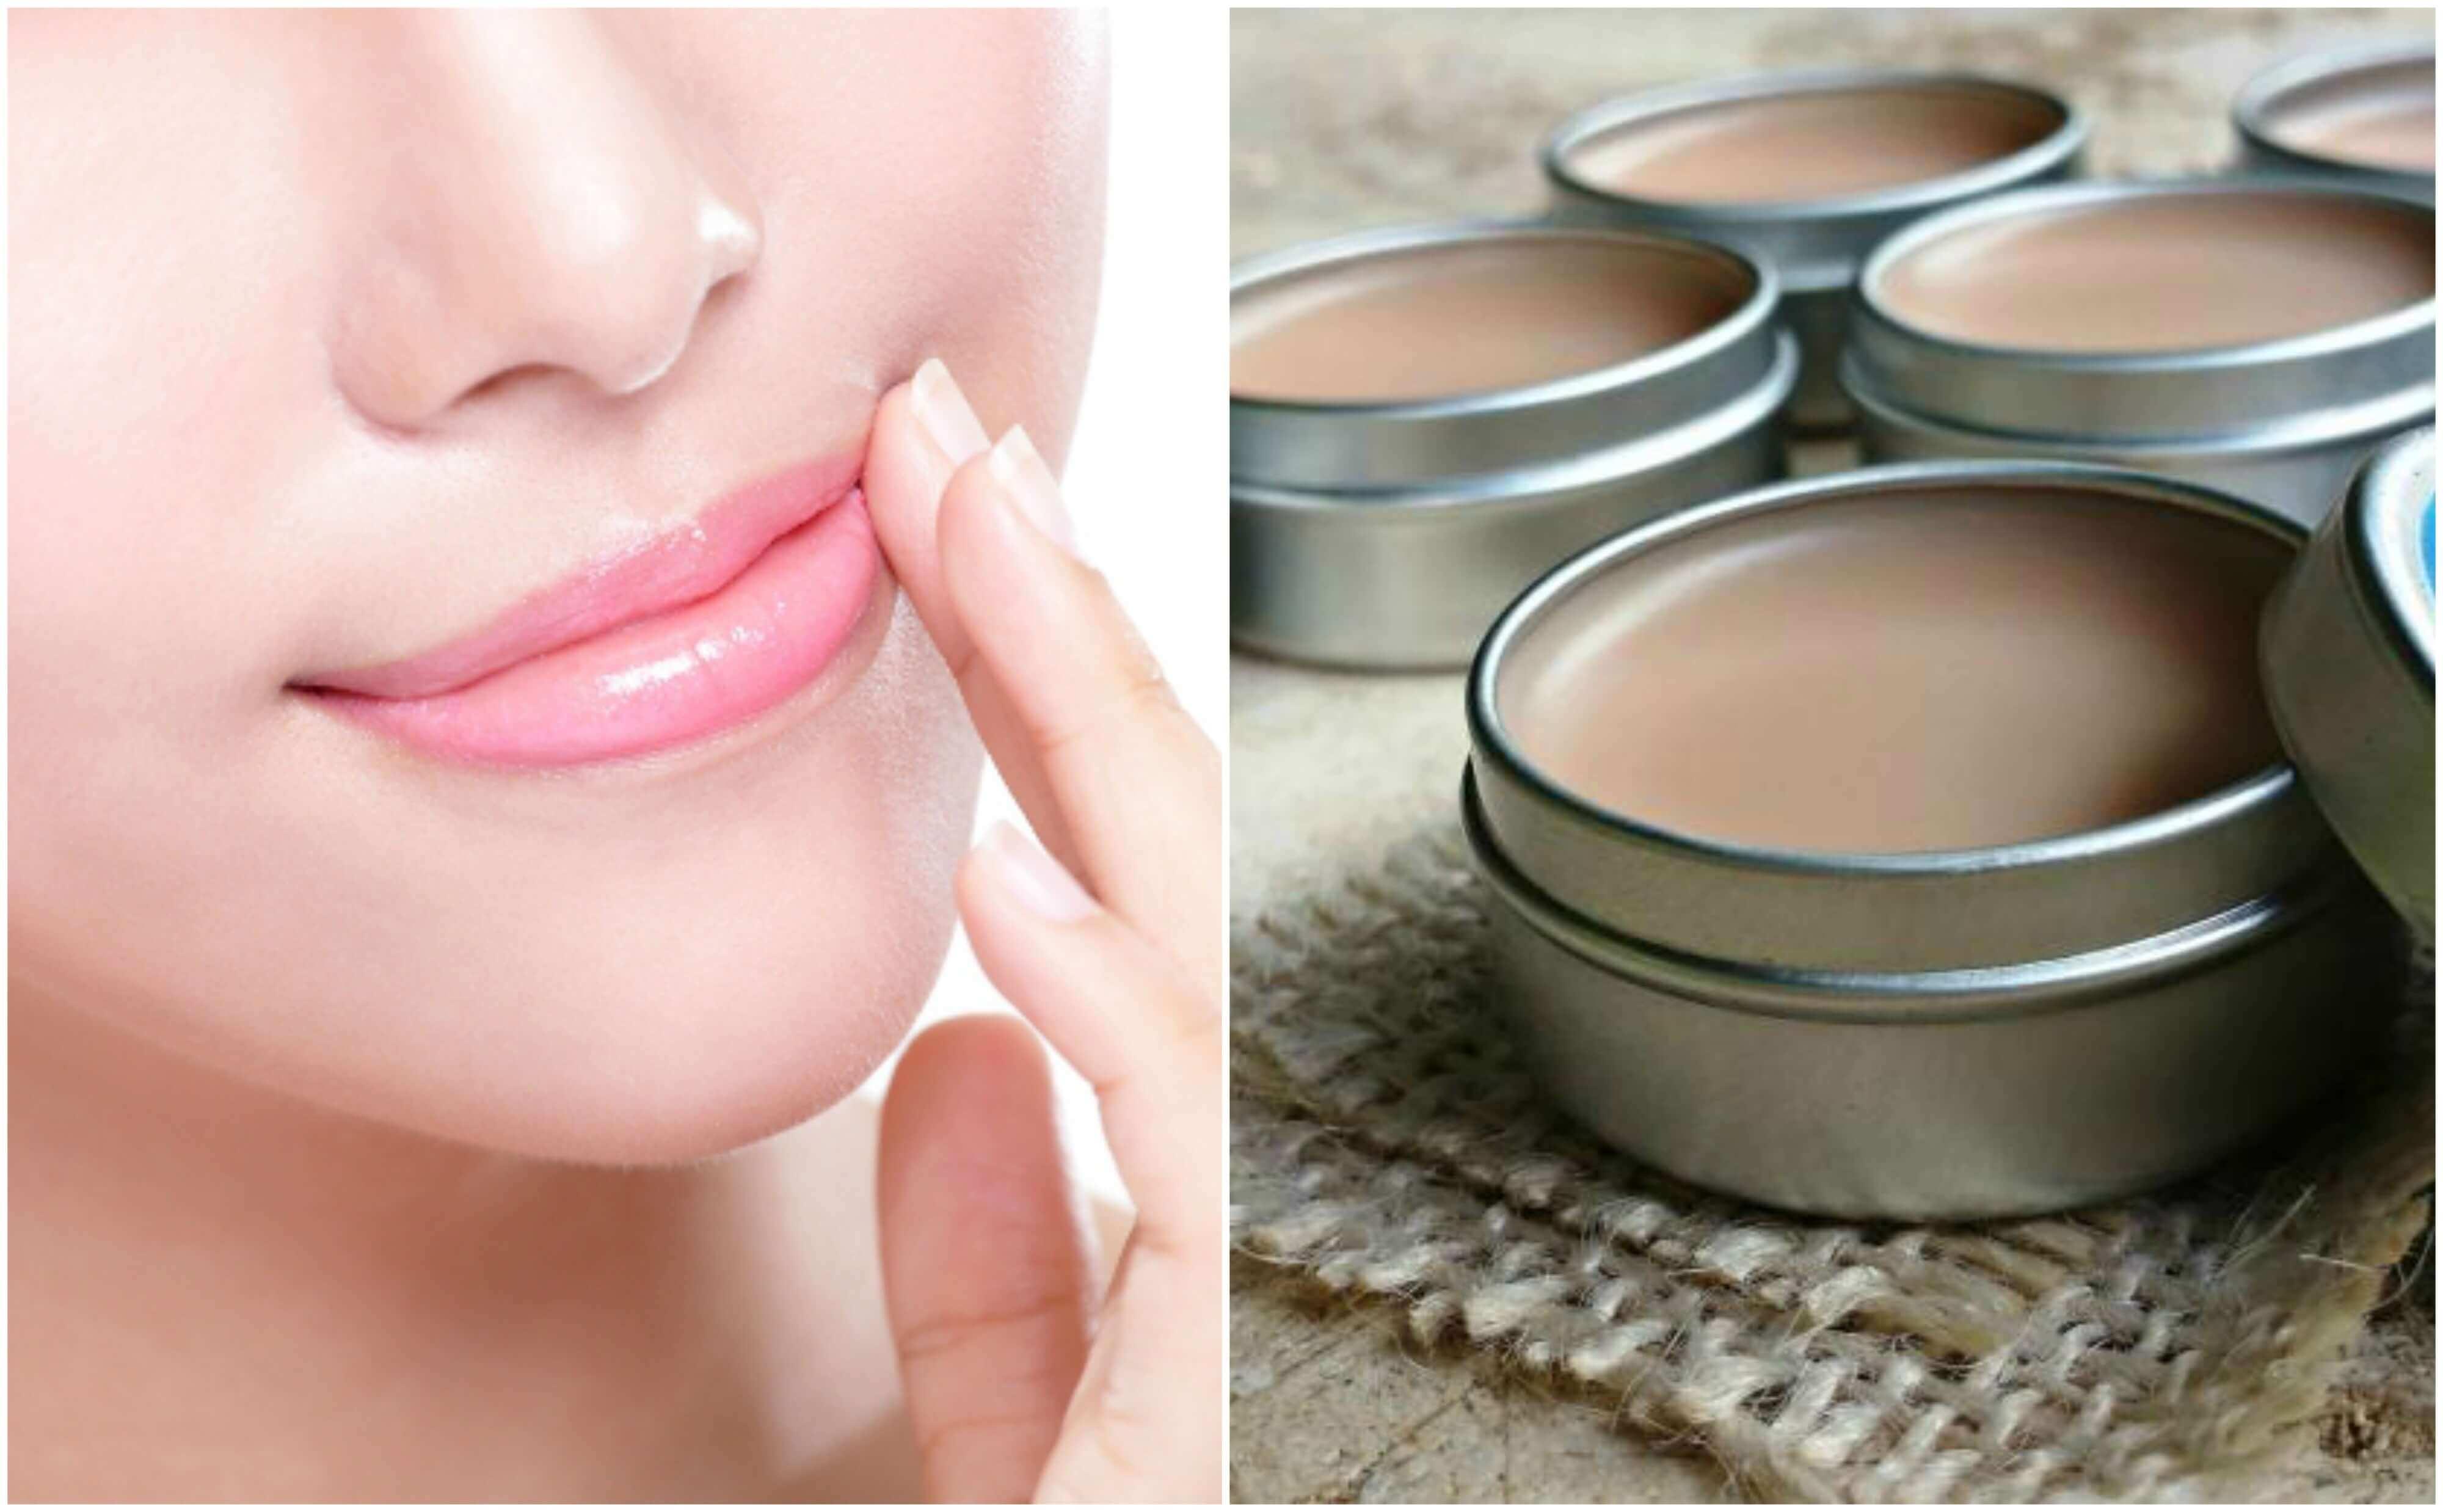 Vaseline te gebruiken om vocht in de lippen in te brengen